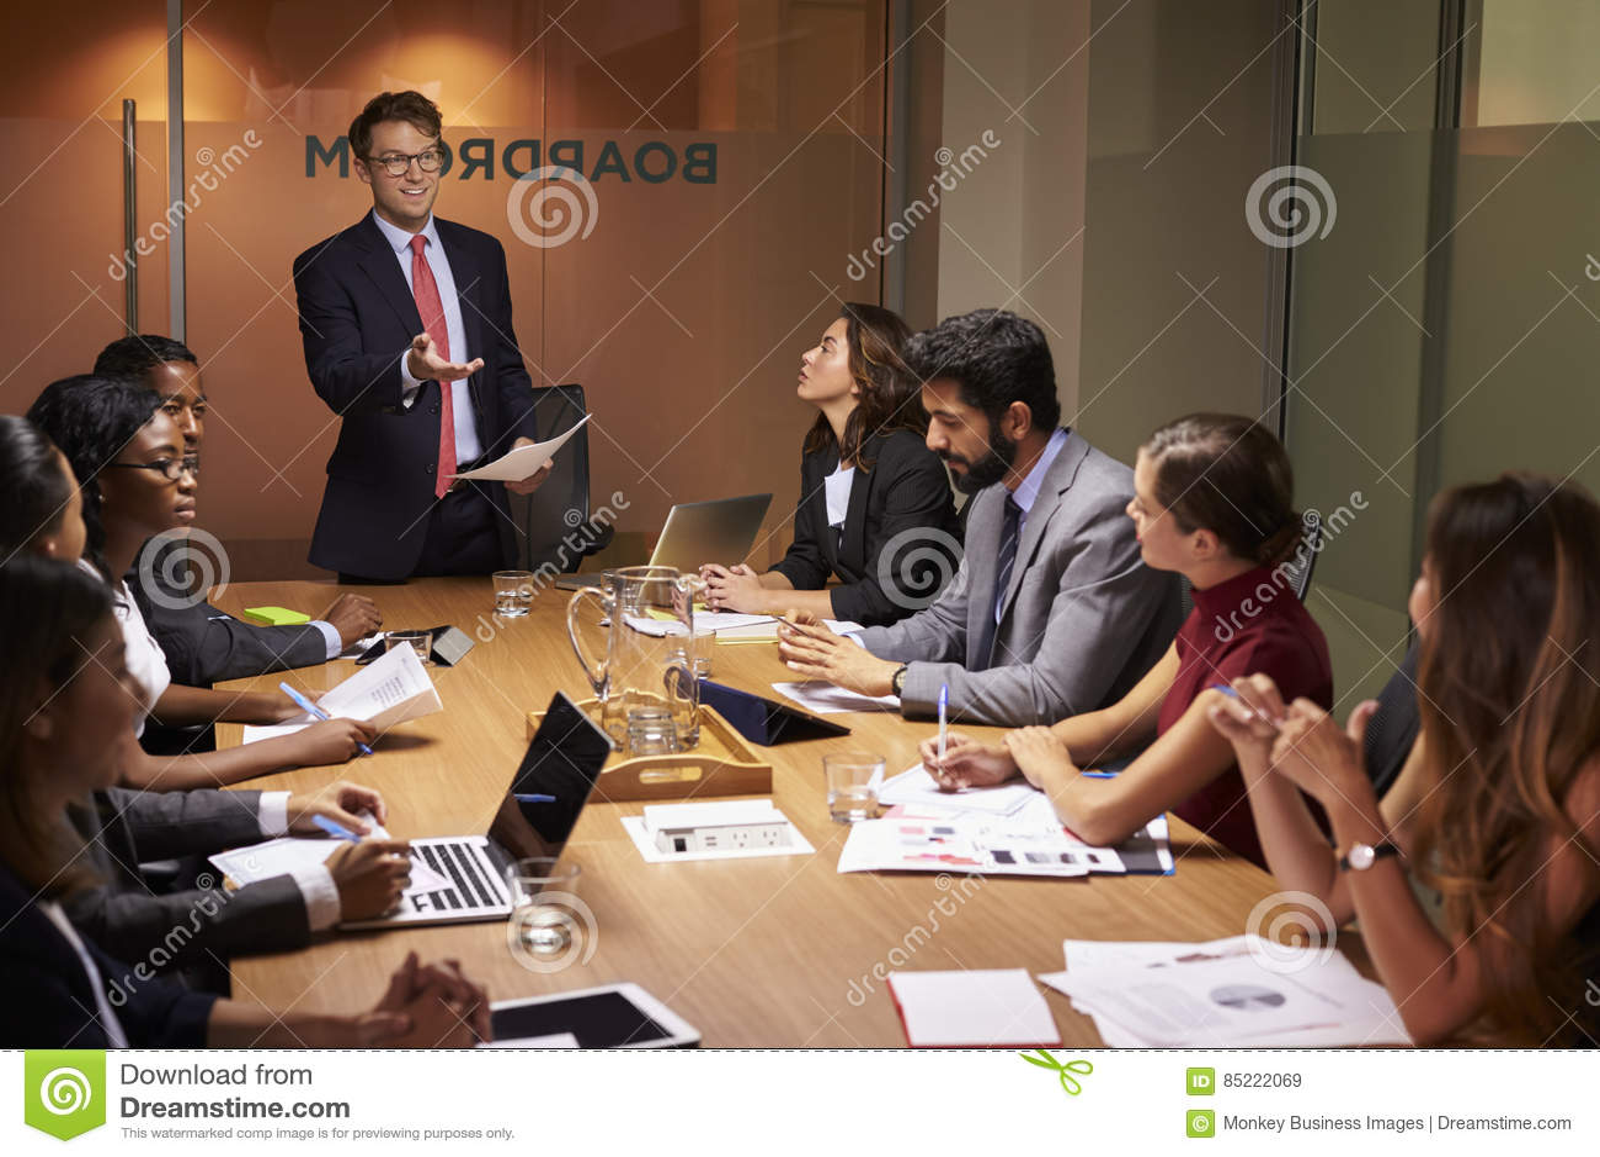 Ο επιχειρηματίας στέκεται στους συναδέλφους σε μια συνεδρίαση